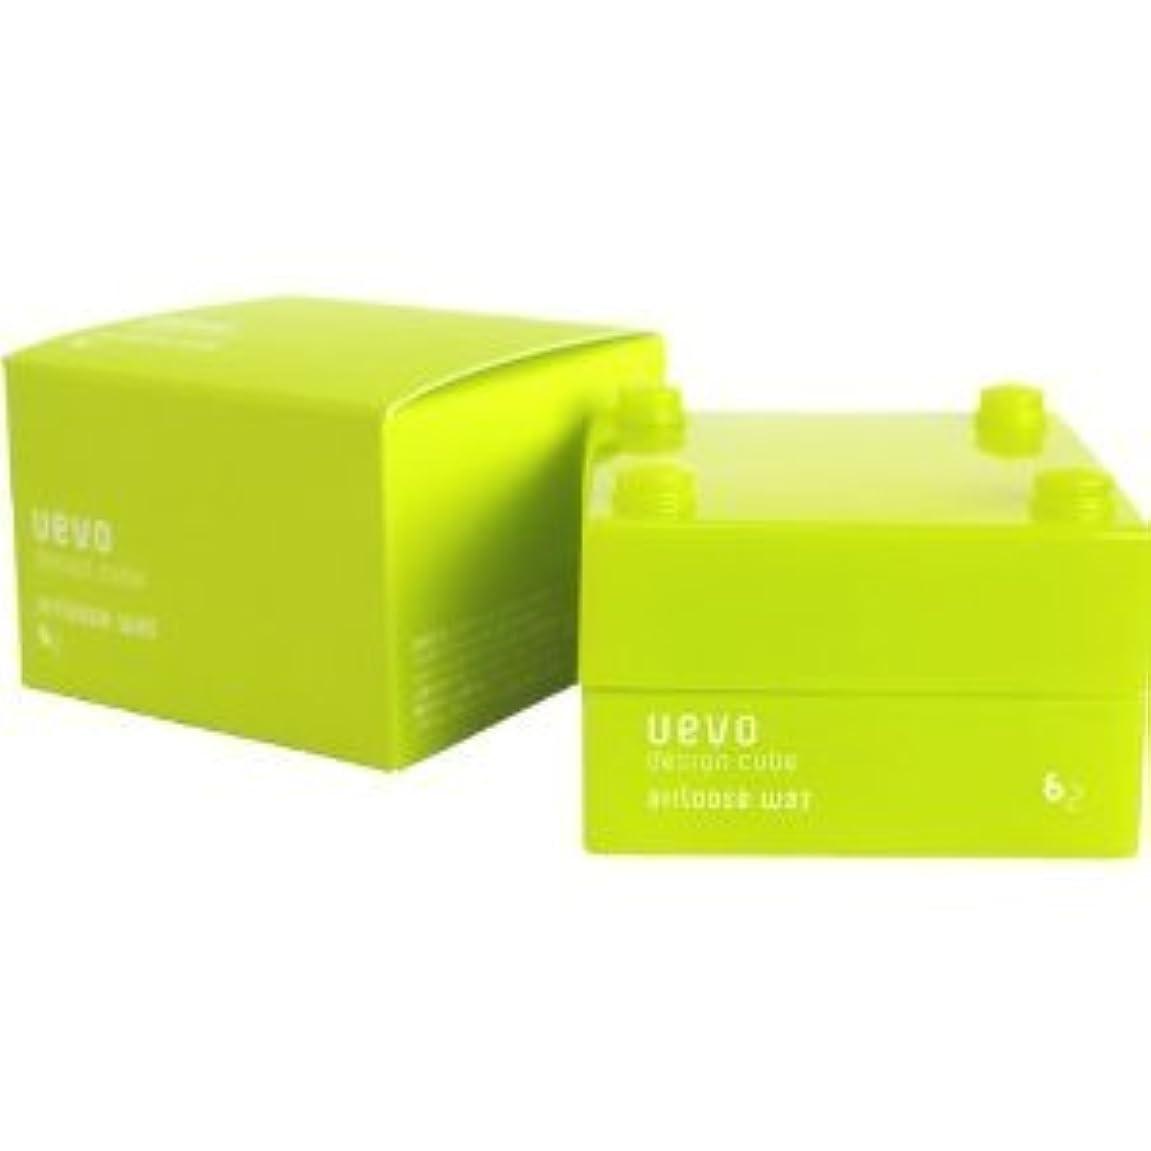 温帯本当のことを言うとヨーロッパ【X2個セット】 デミ ウェーボ デザインキューブ エアルーズワックス 30g airloose wax DEMI uevo design cube